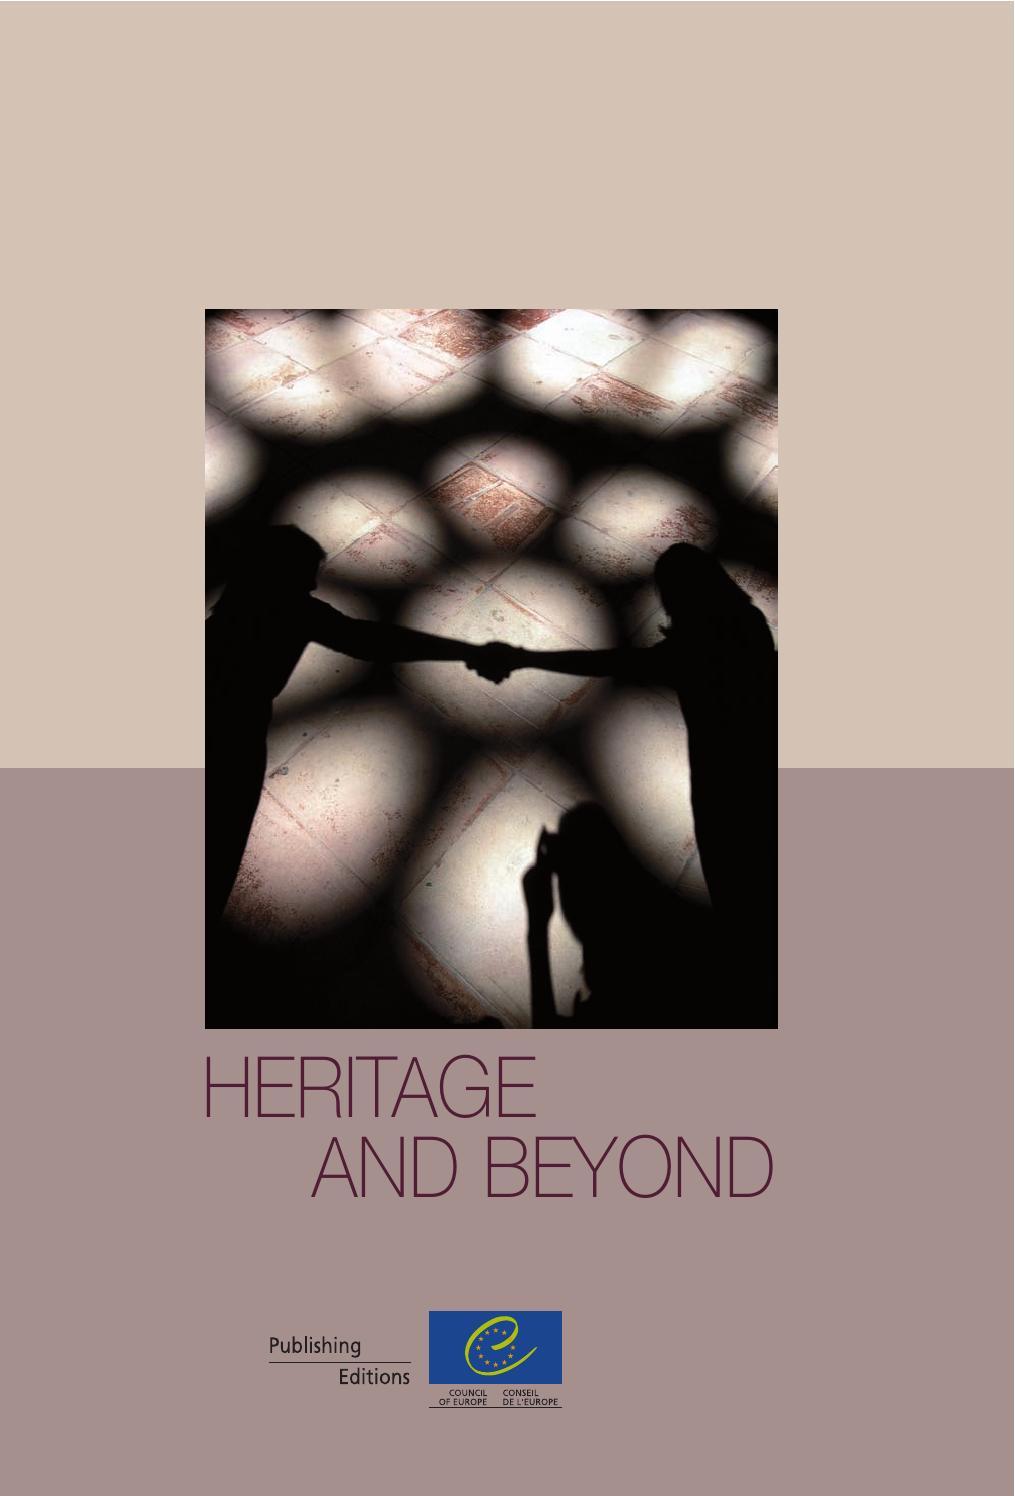 Heritage and beyond consejoeuropa by Asociación Española de Gestores